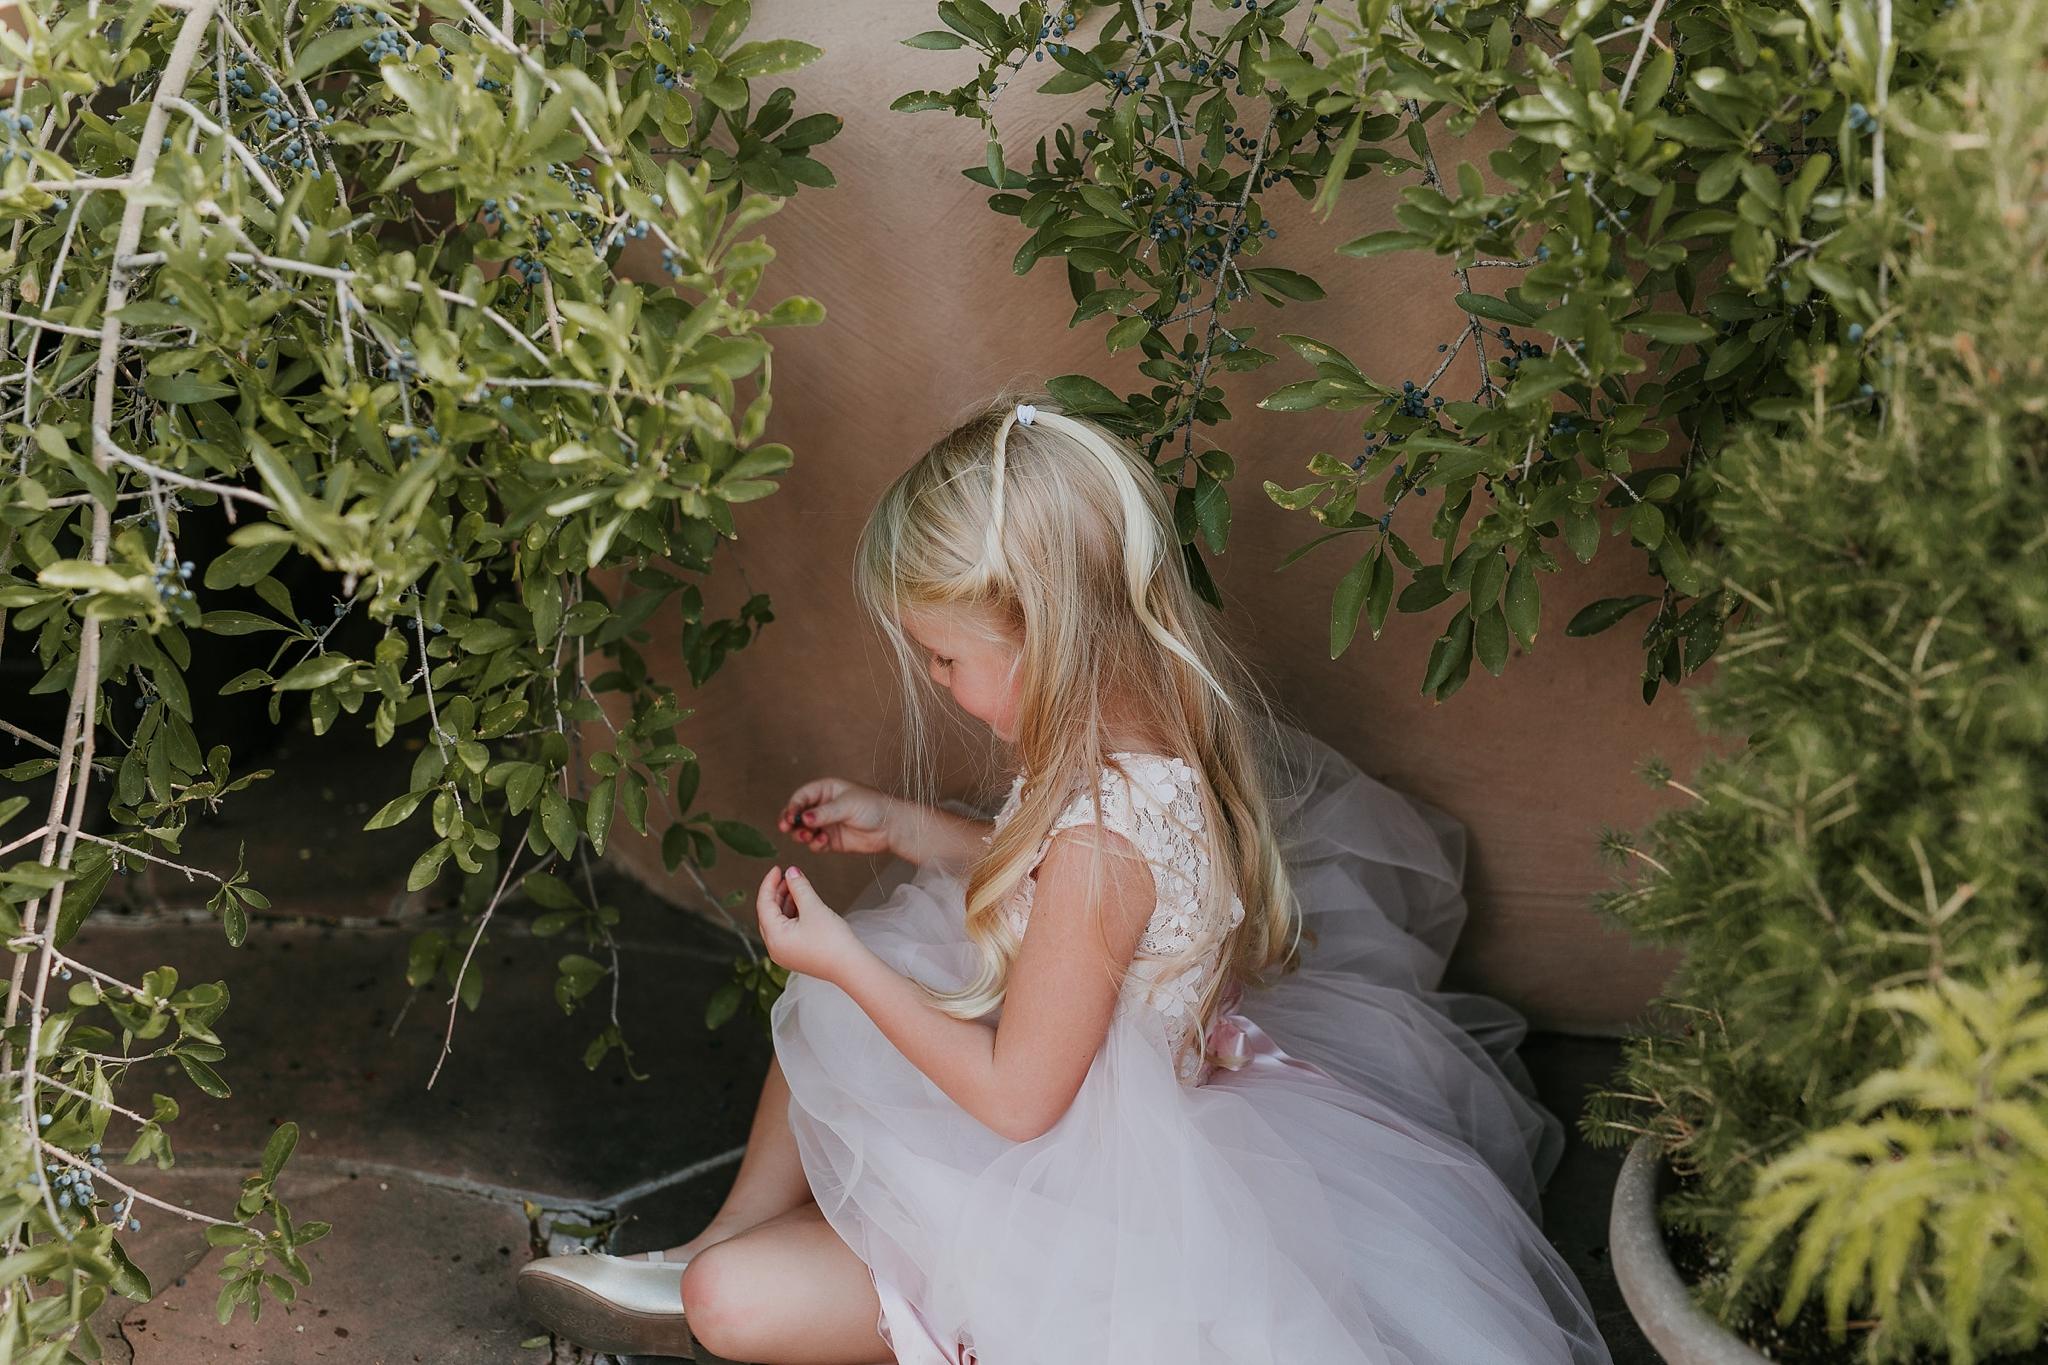 Alicia+lucia+photography+-+albuquerque+wedding+photographer+-+santa+fe+wedding+photography+-+new+mexico+wedding+photographer+-+new+mexico+wedding+-+flower+girl+-+wedding+flower+girl_0024.jpg